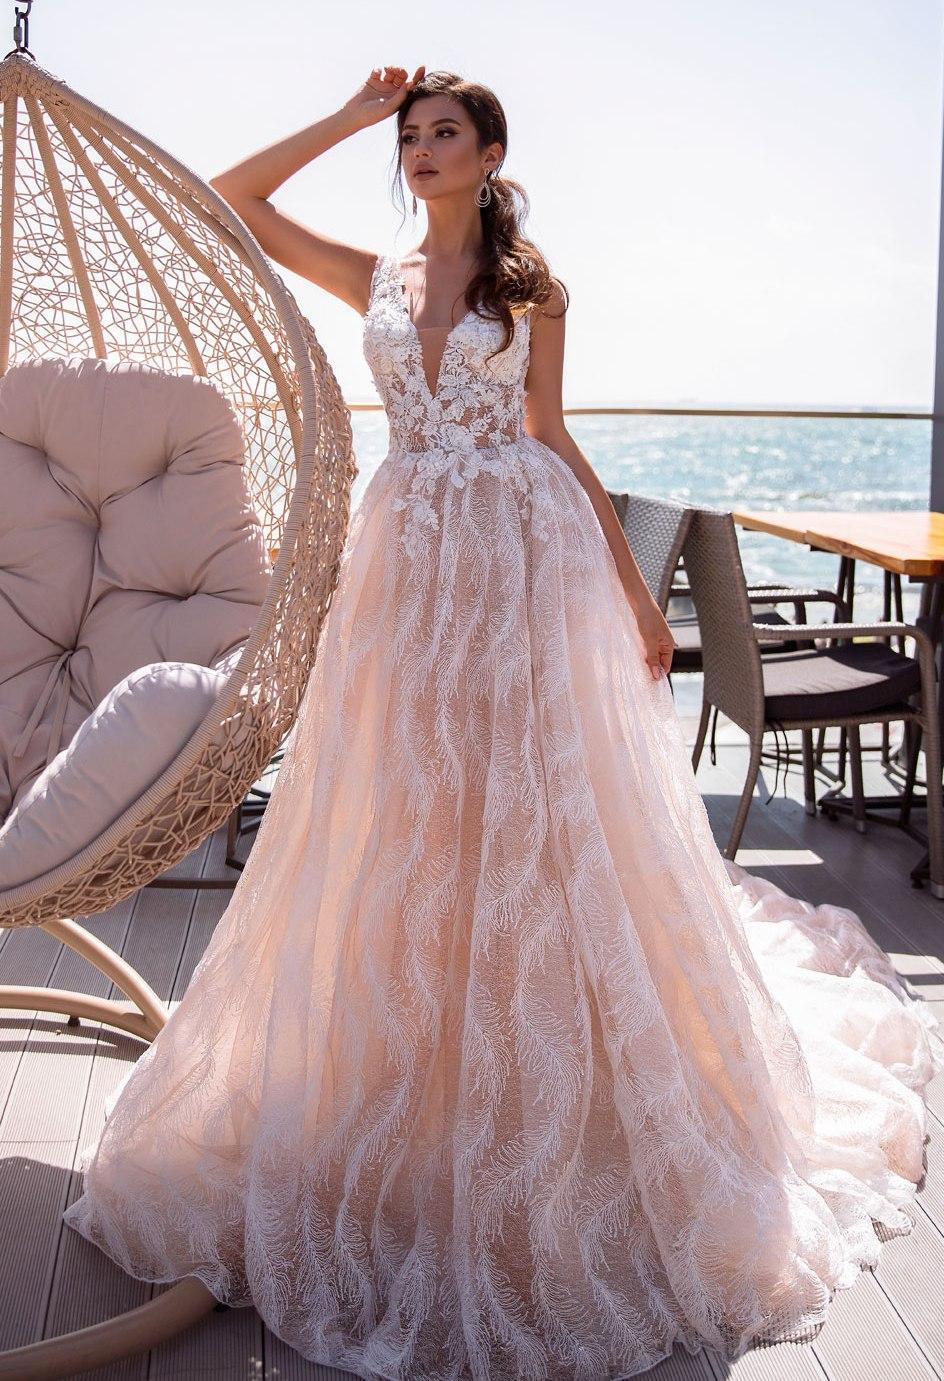 Svadobné šaty nemusia byť len biele - Obrázok č. 3